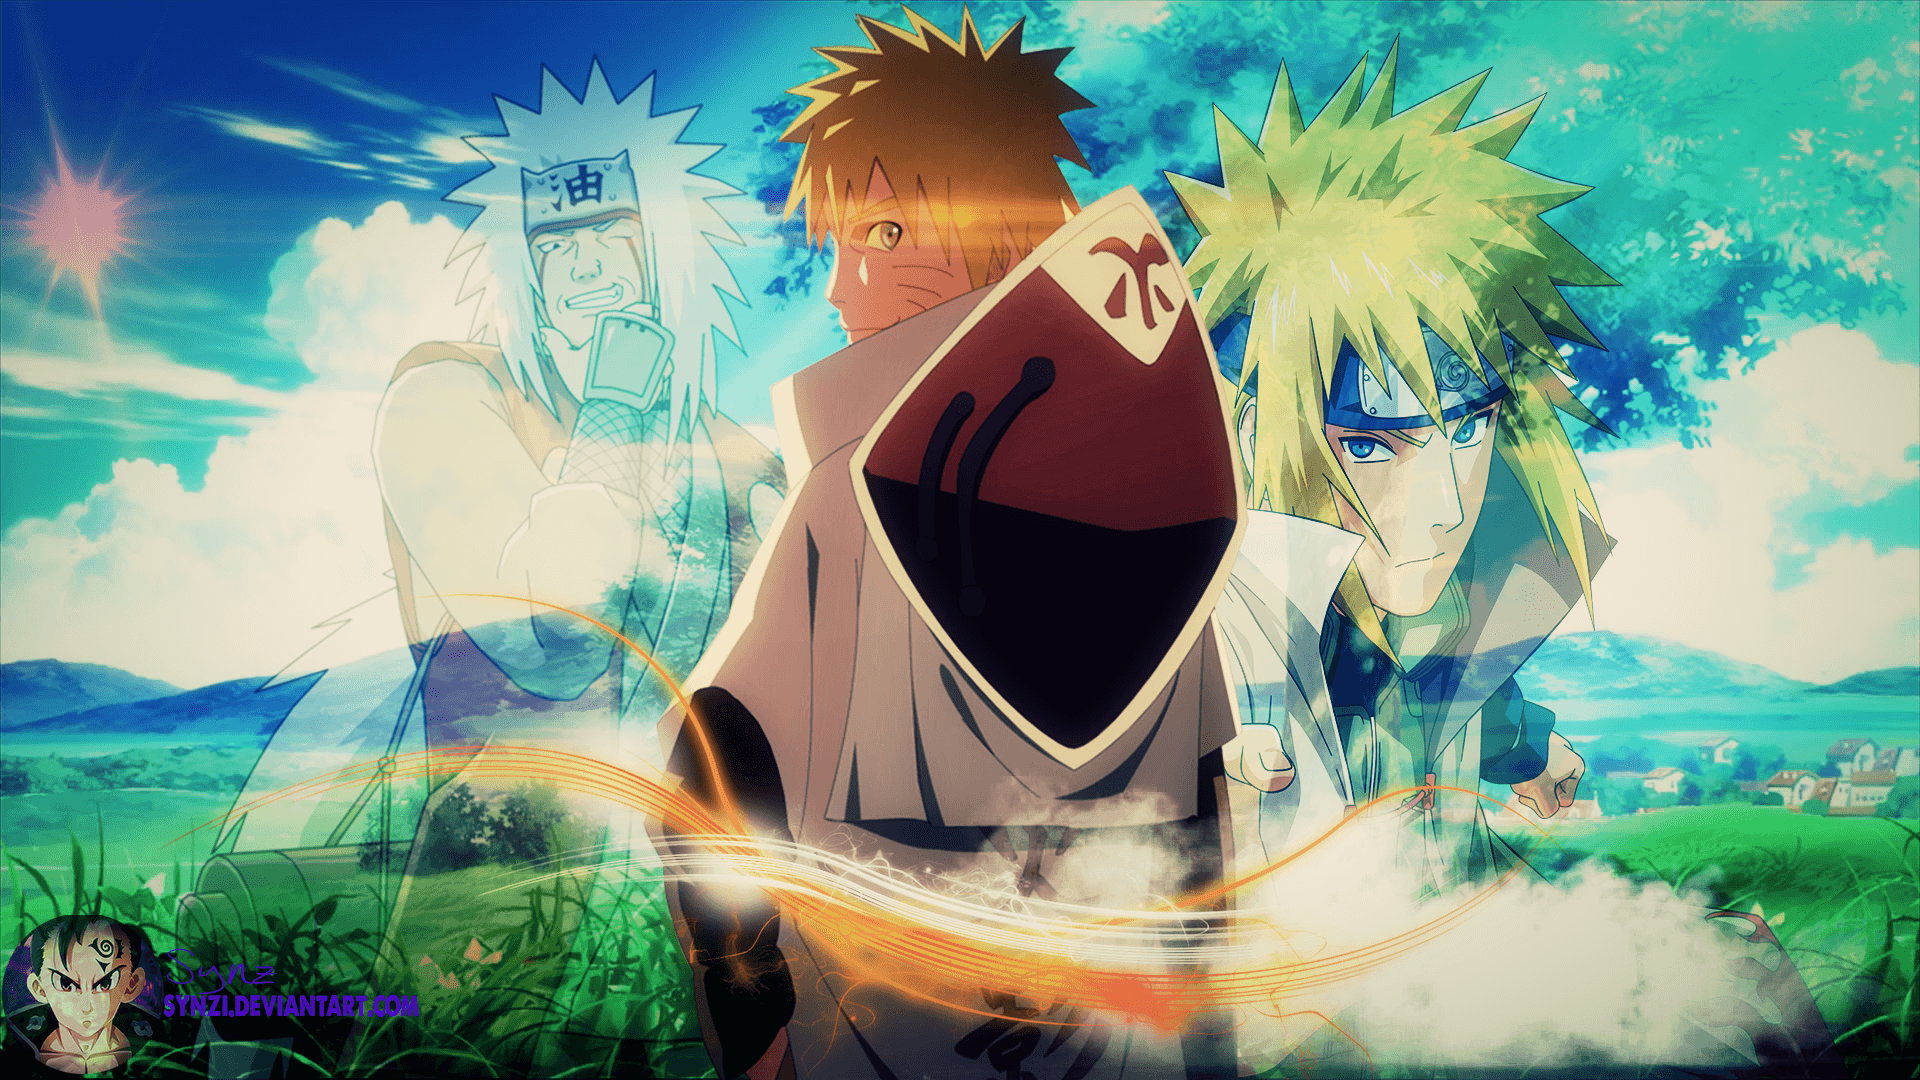 Naruto jiraiya wallpapers wallpaper cave - Minato background ...